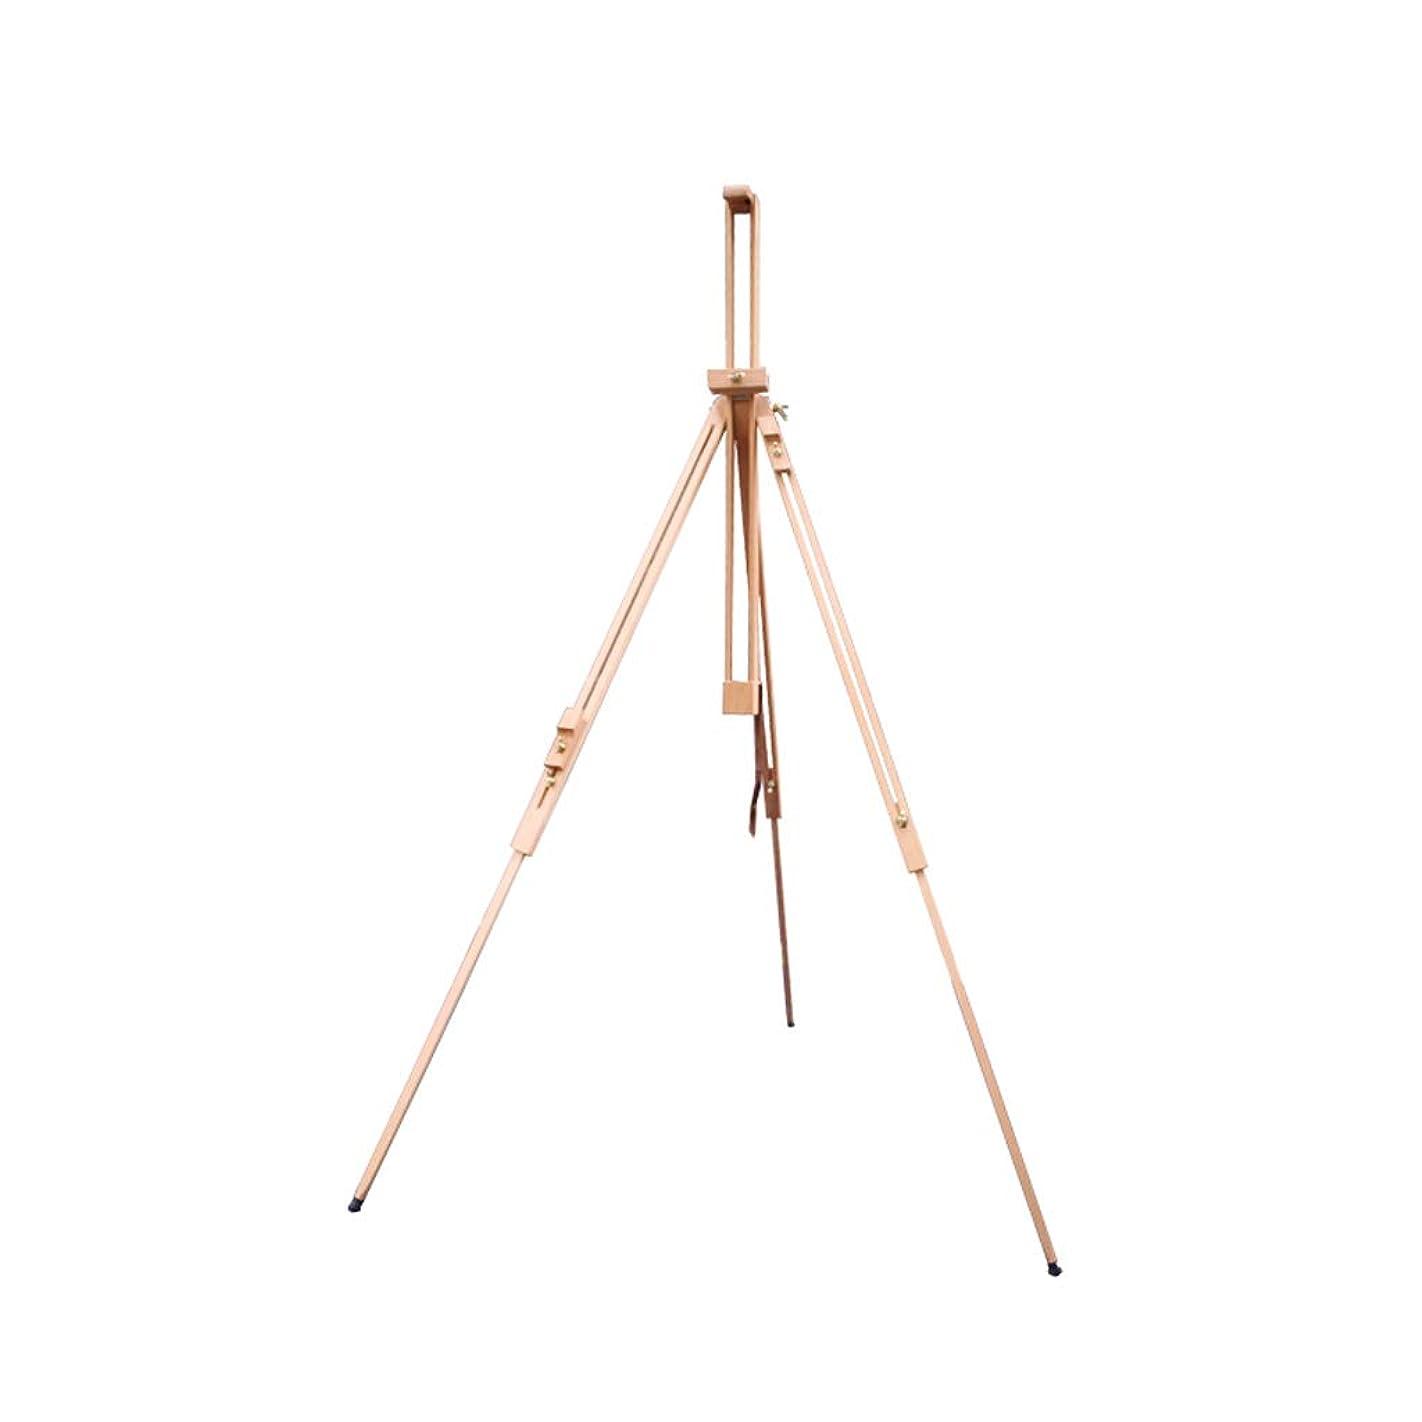 事件、出来事類似性インタフェースGLJJQMY 木製の三角形のイーゼル携帯棺は任意の角度に傾けることができます2絵ボードスケッチ100 X 84 X 126(188)cmスケッチ イーゼル